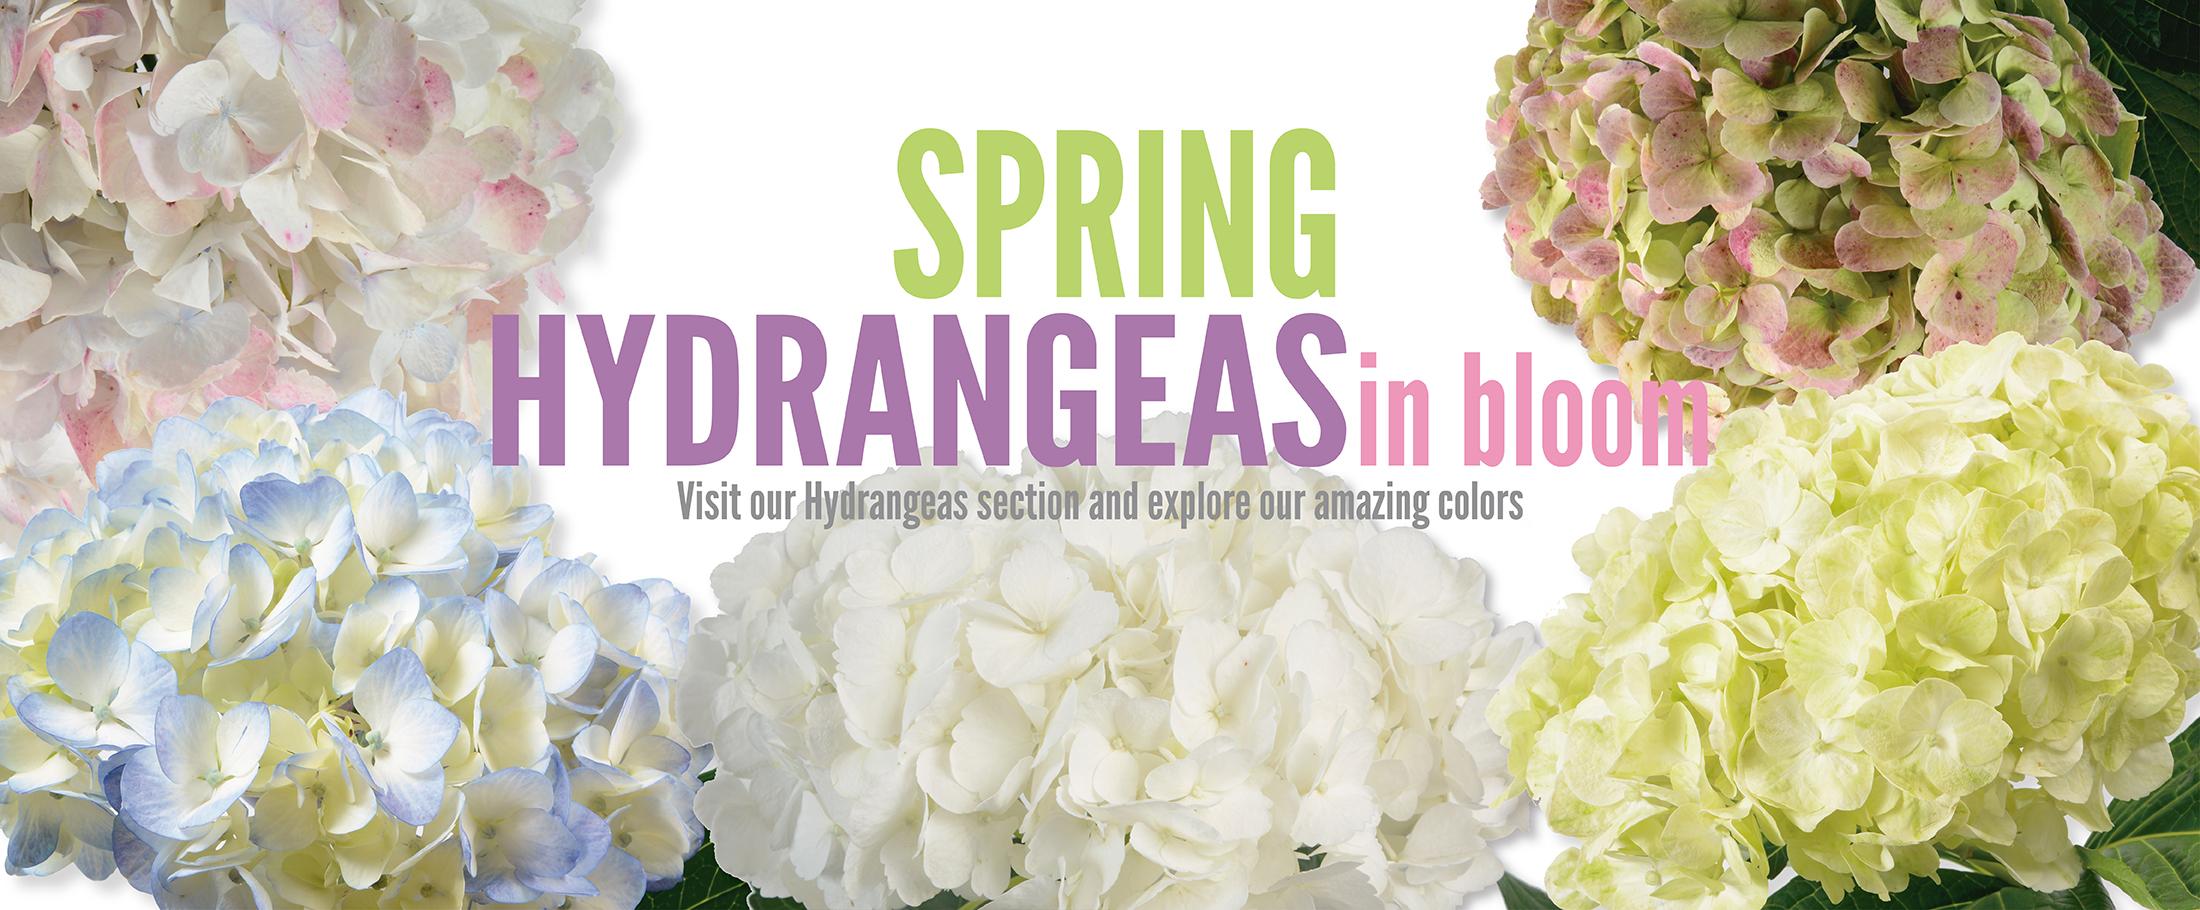 hydrangeas-27-de-Abril-v6-01